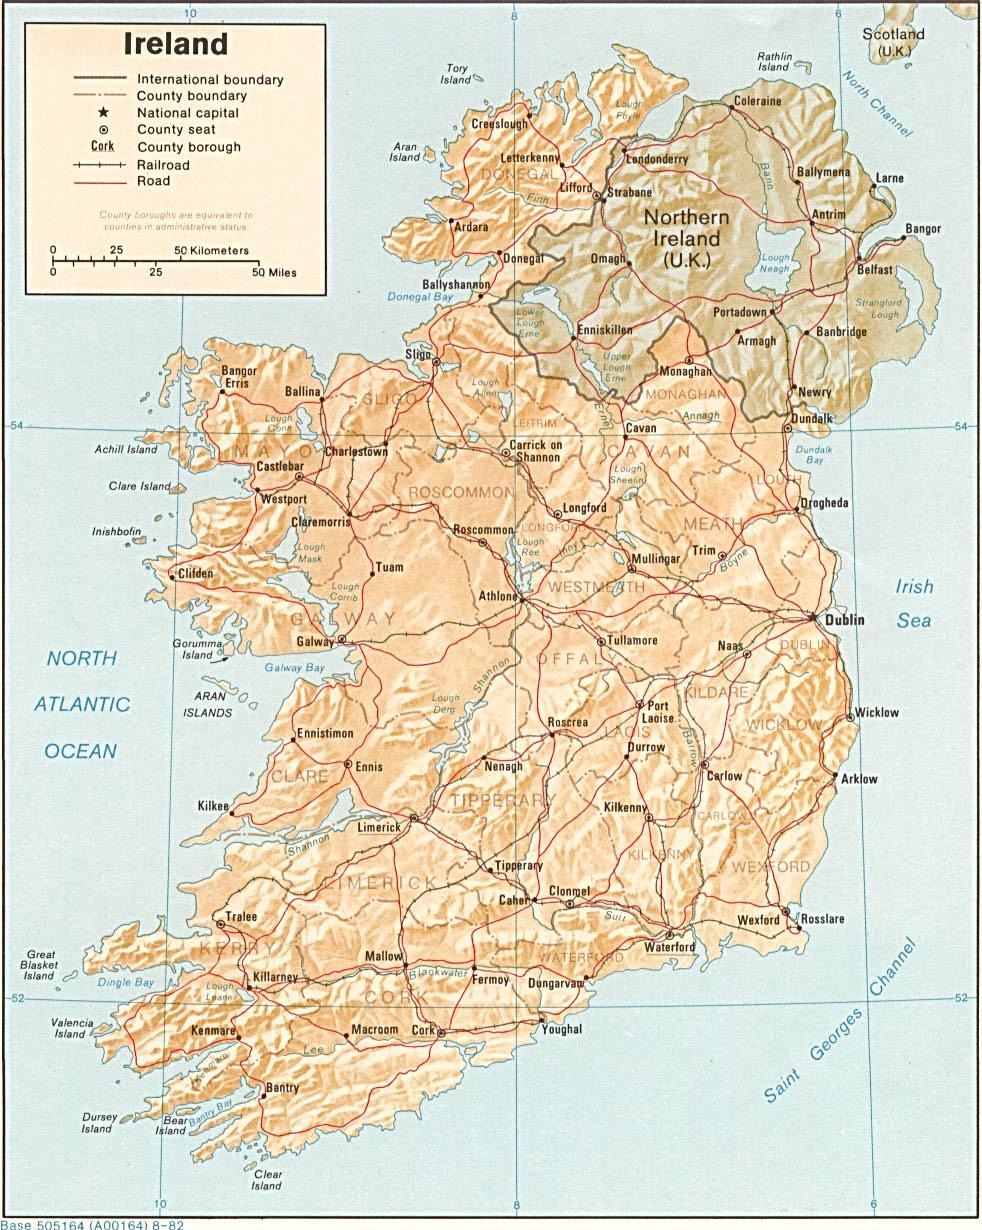 Mapa de Relieve Sombreado de Irlanda